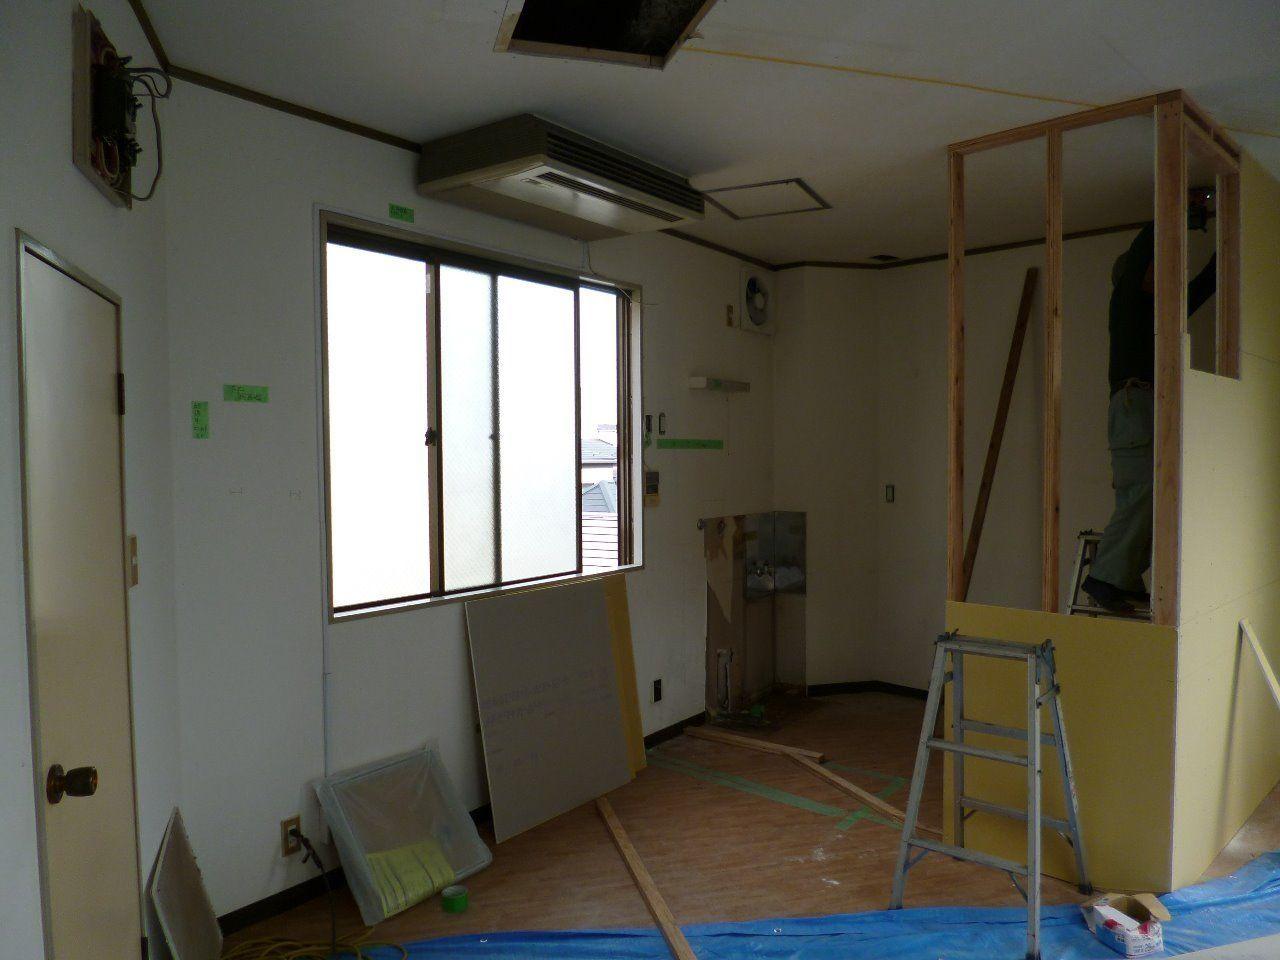 天井に穴を開ける(点検口になる予定)天井付けエアコンも撤去予定